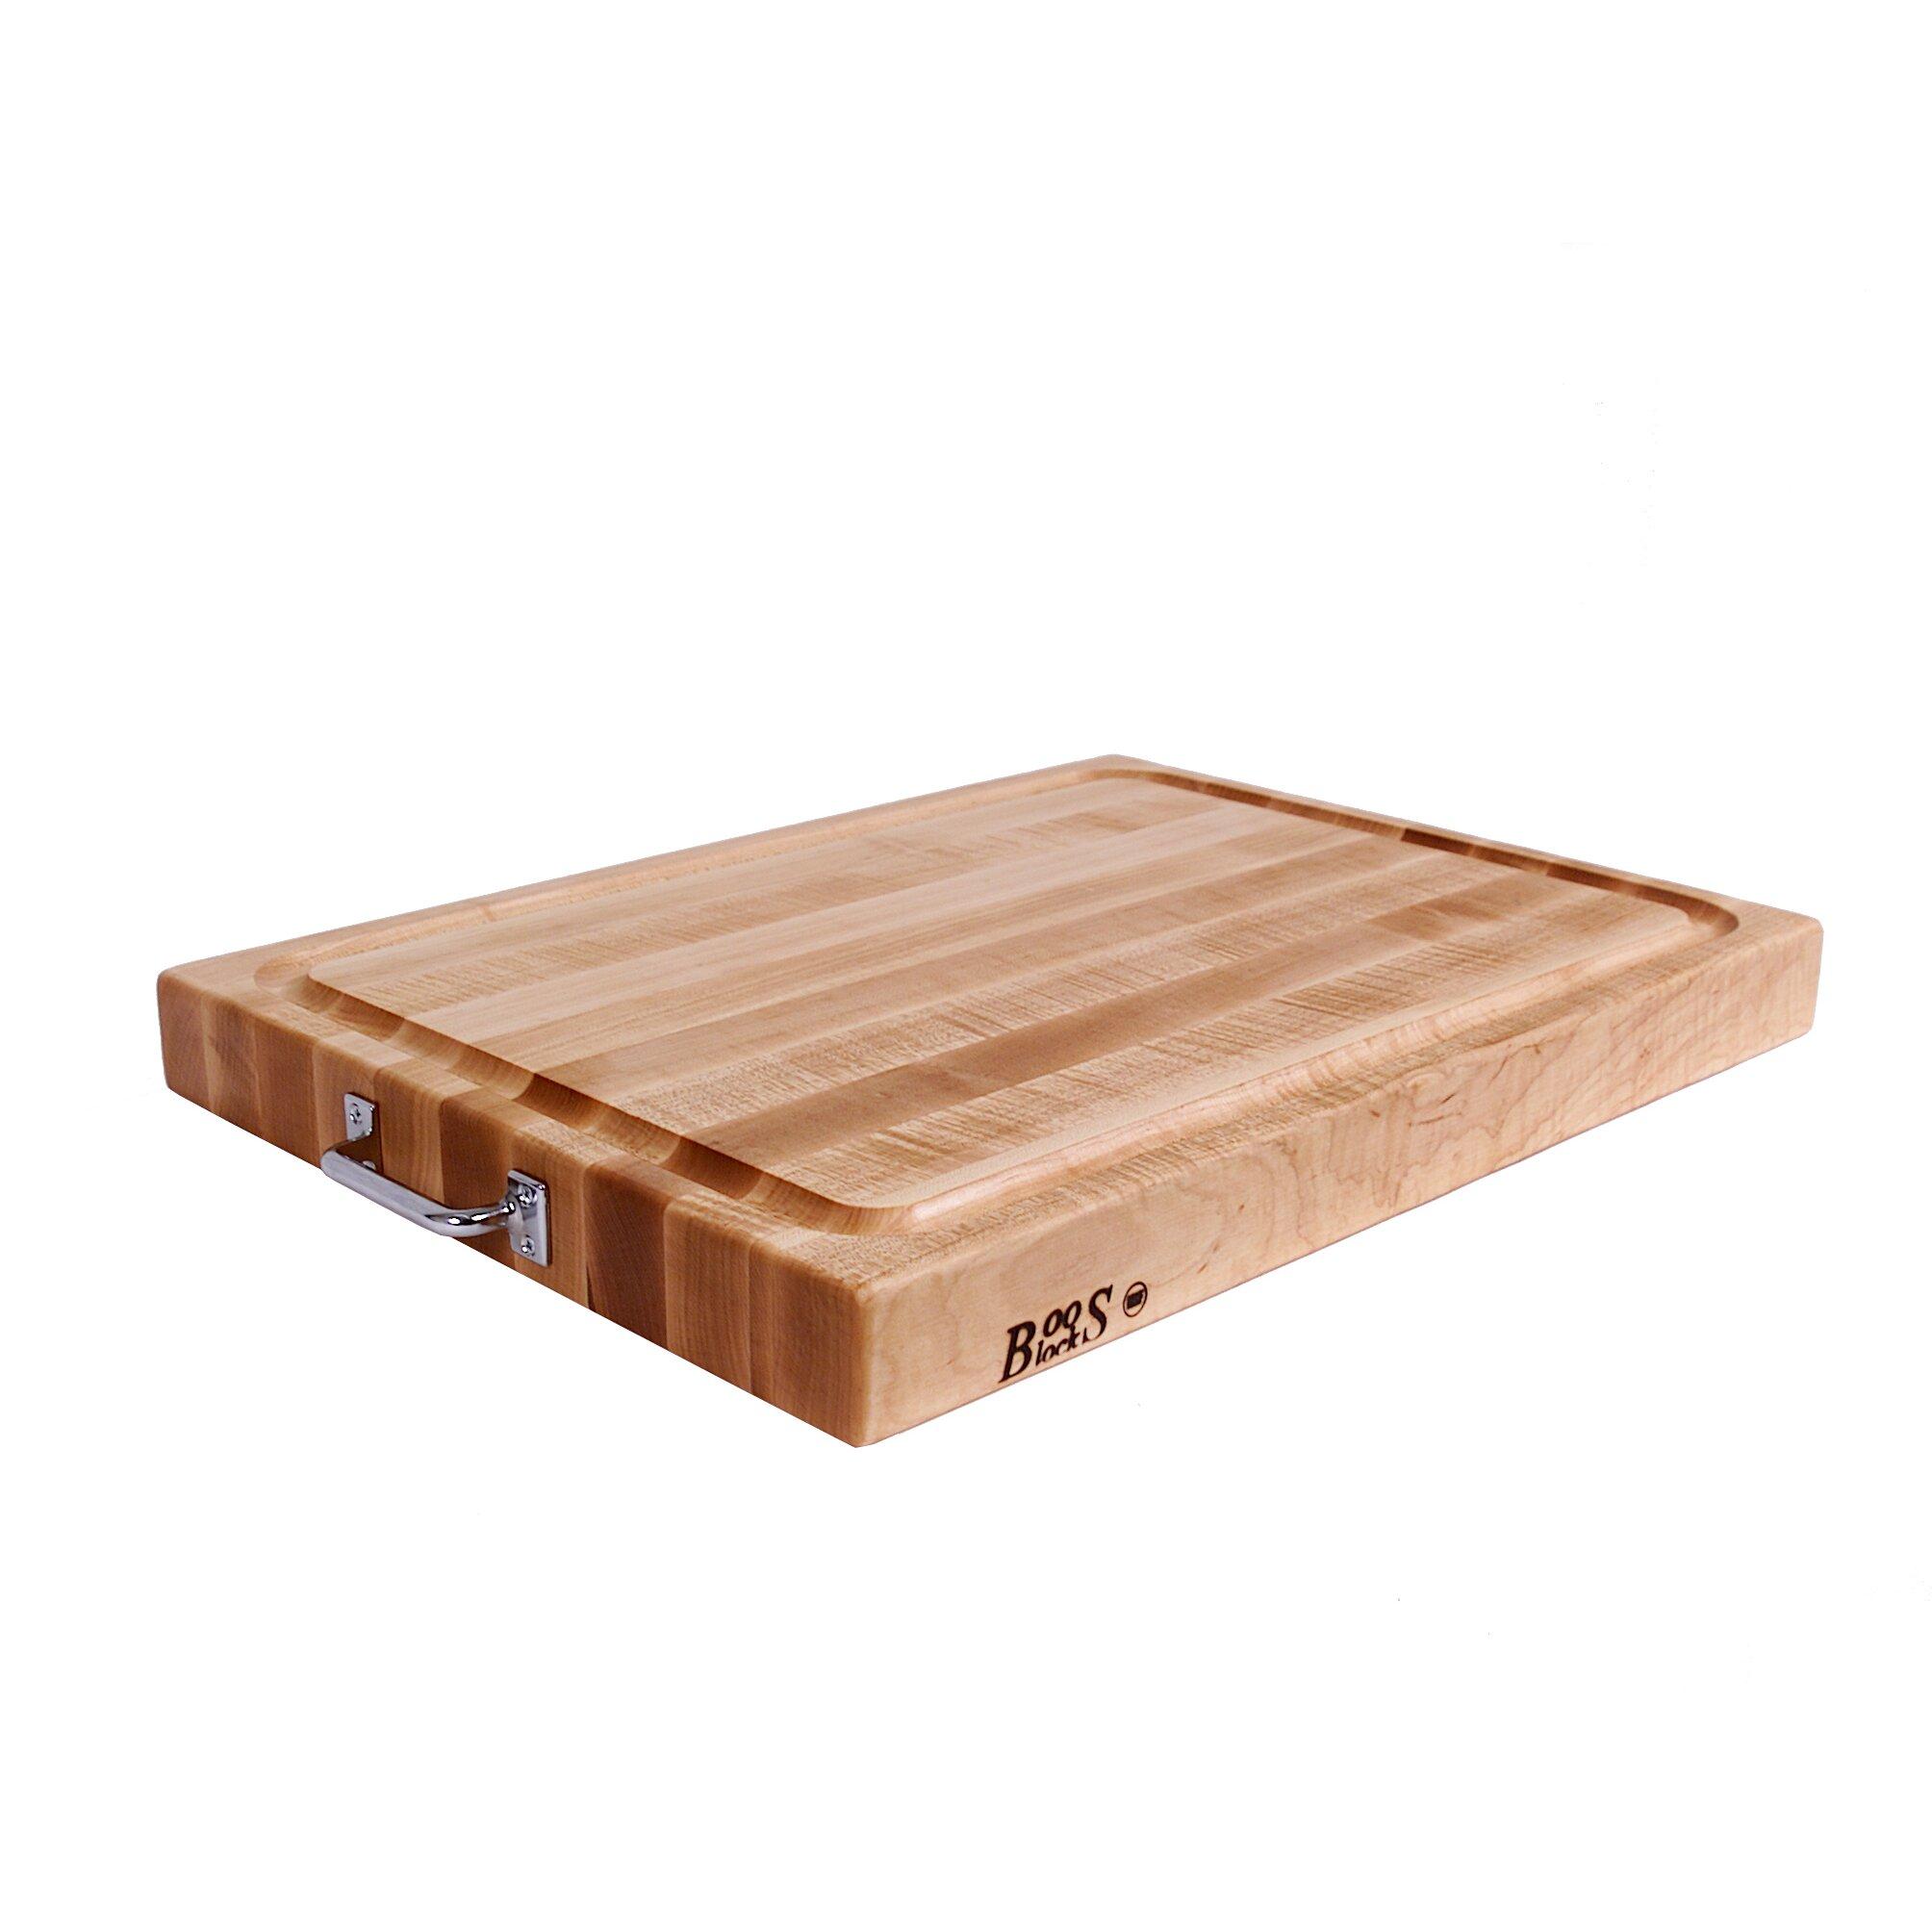 John boos boosblock reversible maple cutting board with